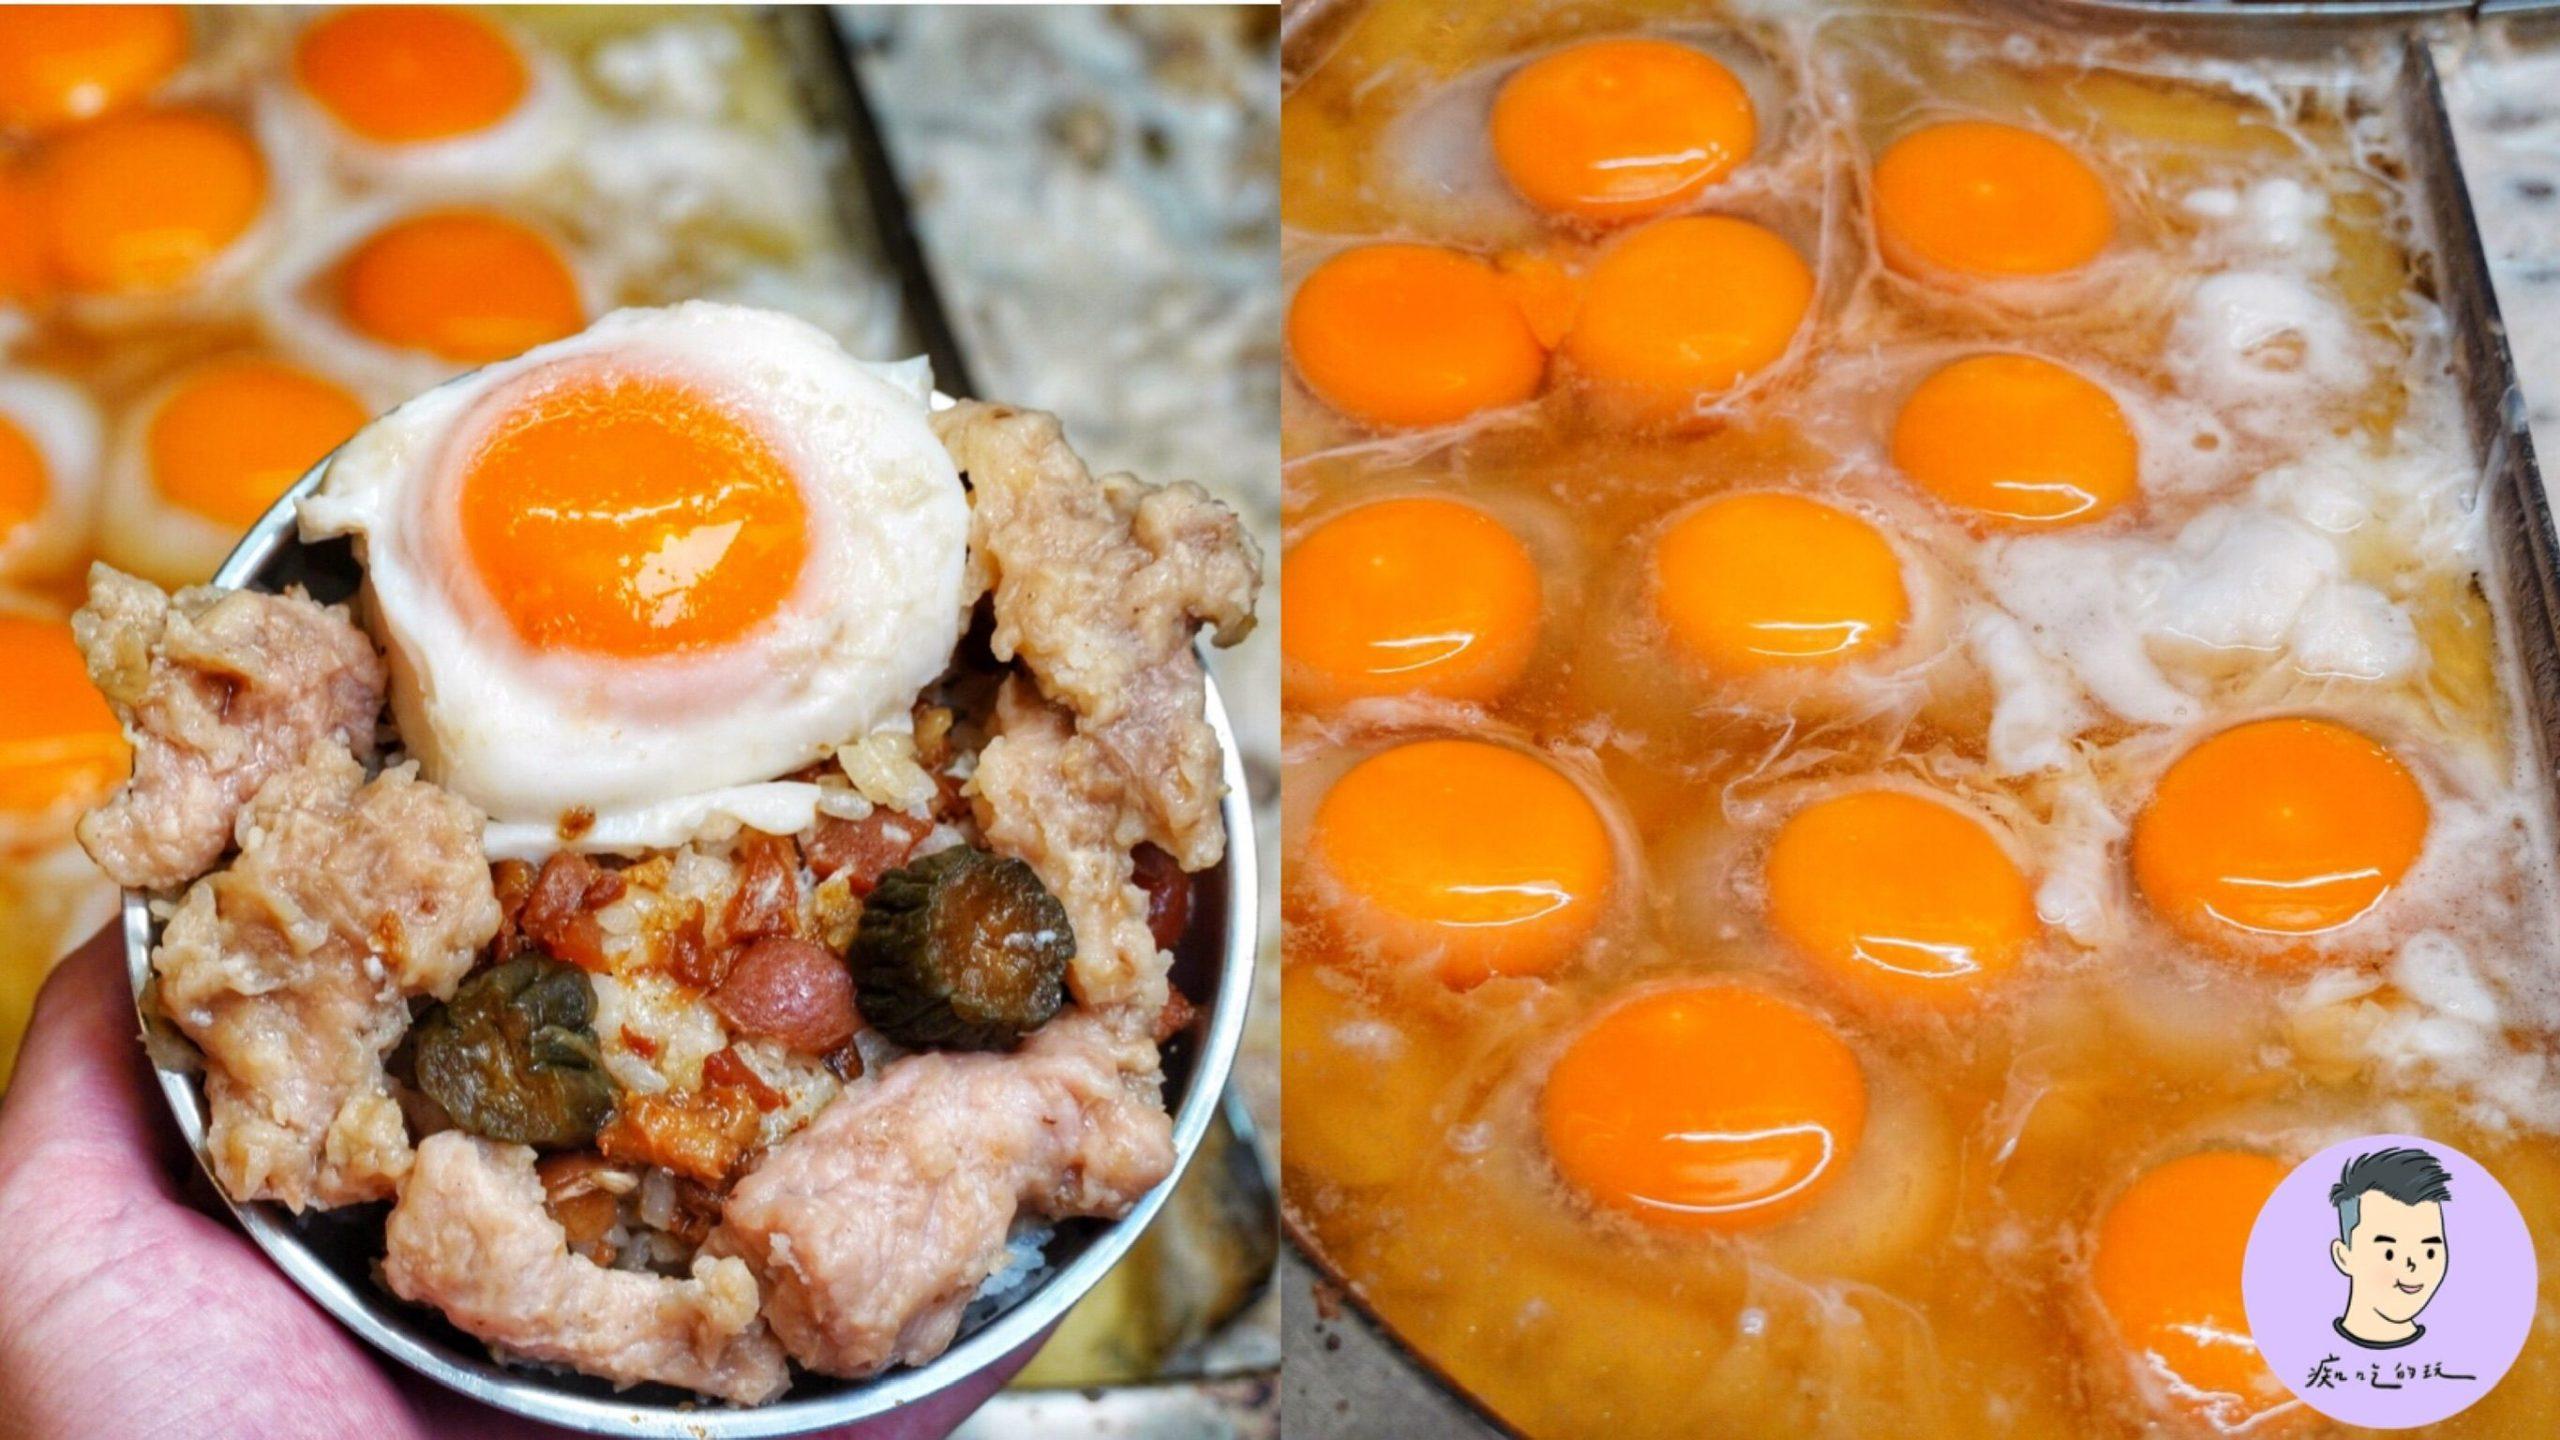 【寧夏夜市美食】鴨頭正二代滷肉飯 滿滿蛋黃漂浮畫面好療癒!必吃超可愛的蛋蛋飯 飄香40年的古早味小吃|台北美食